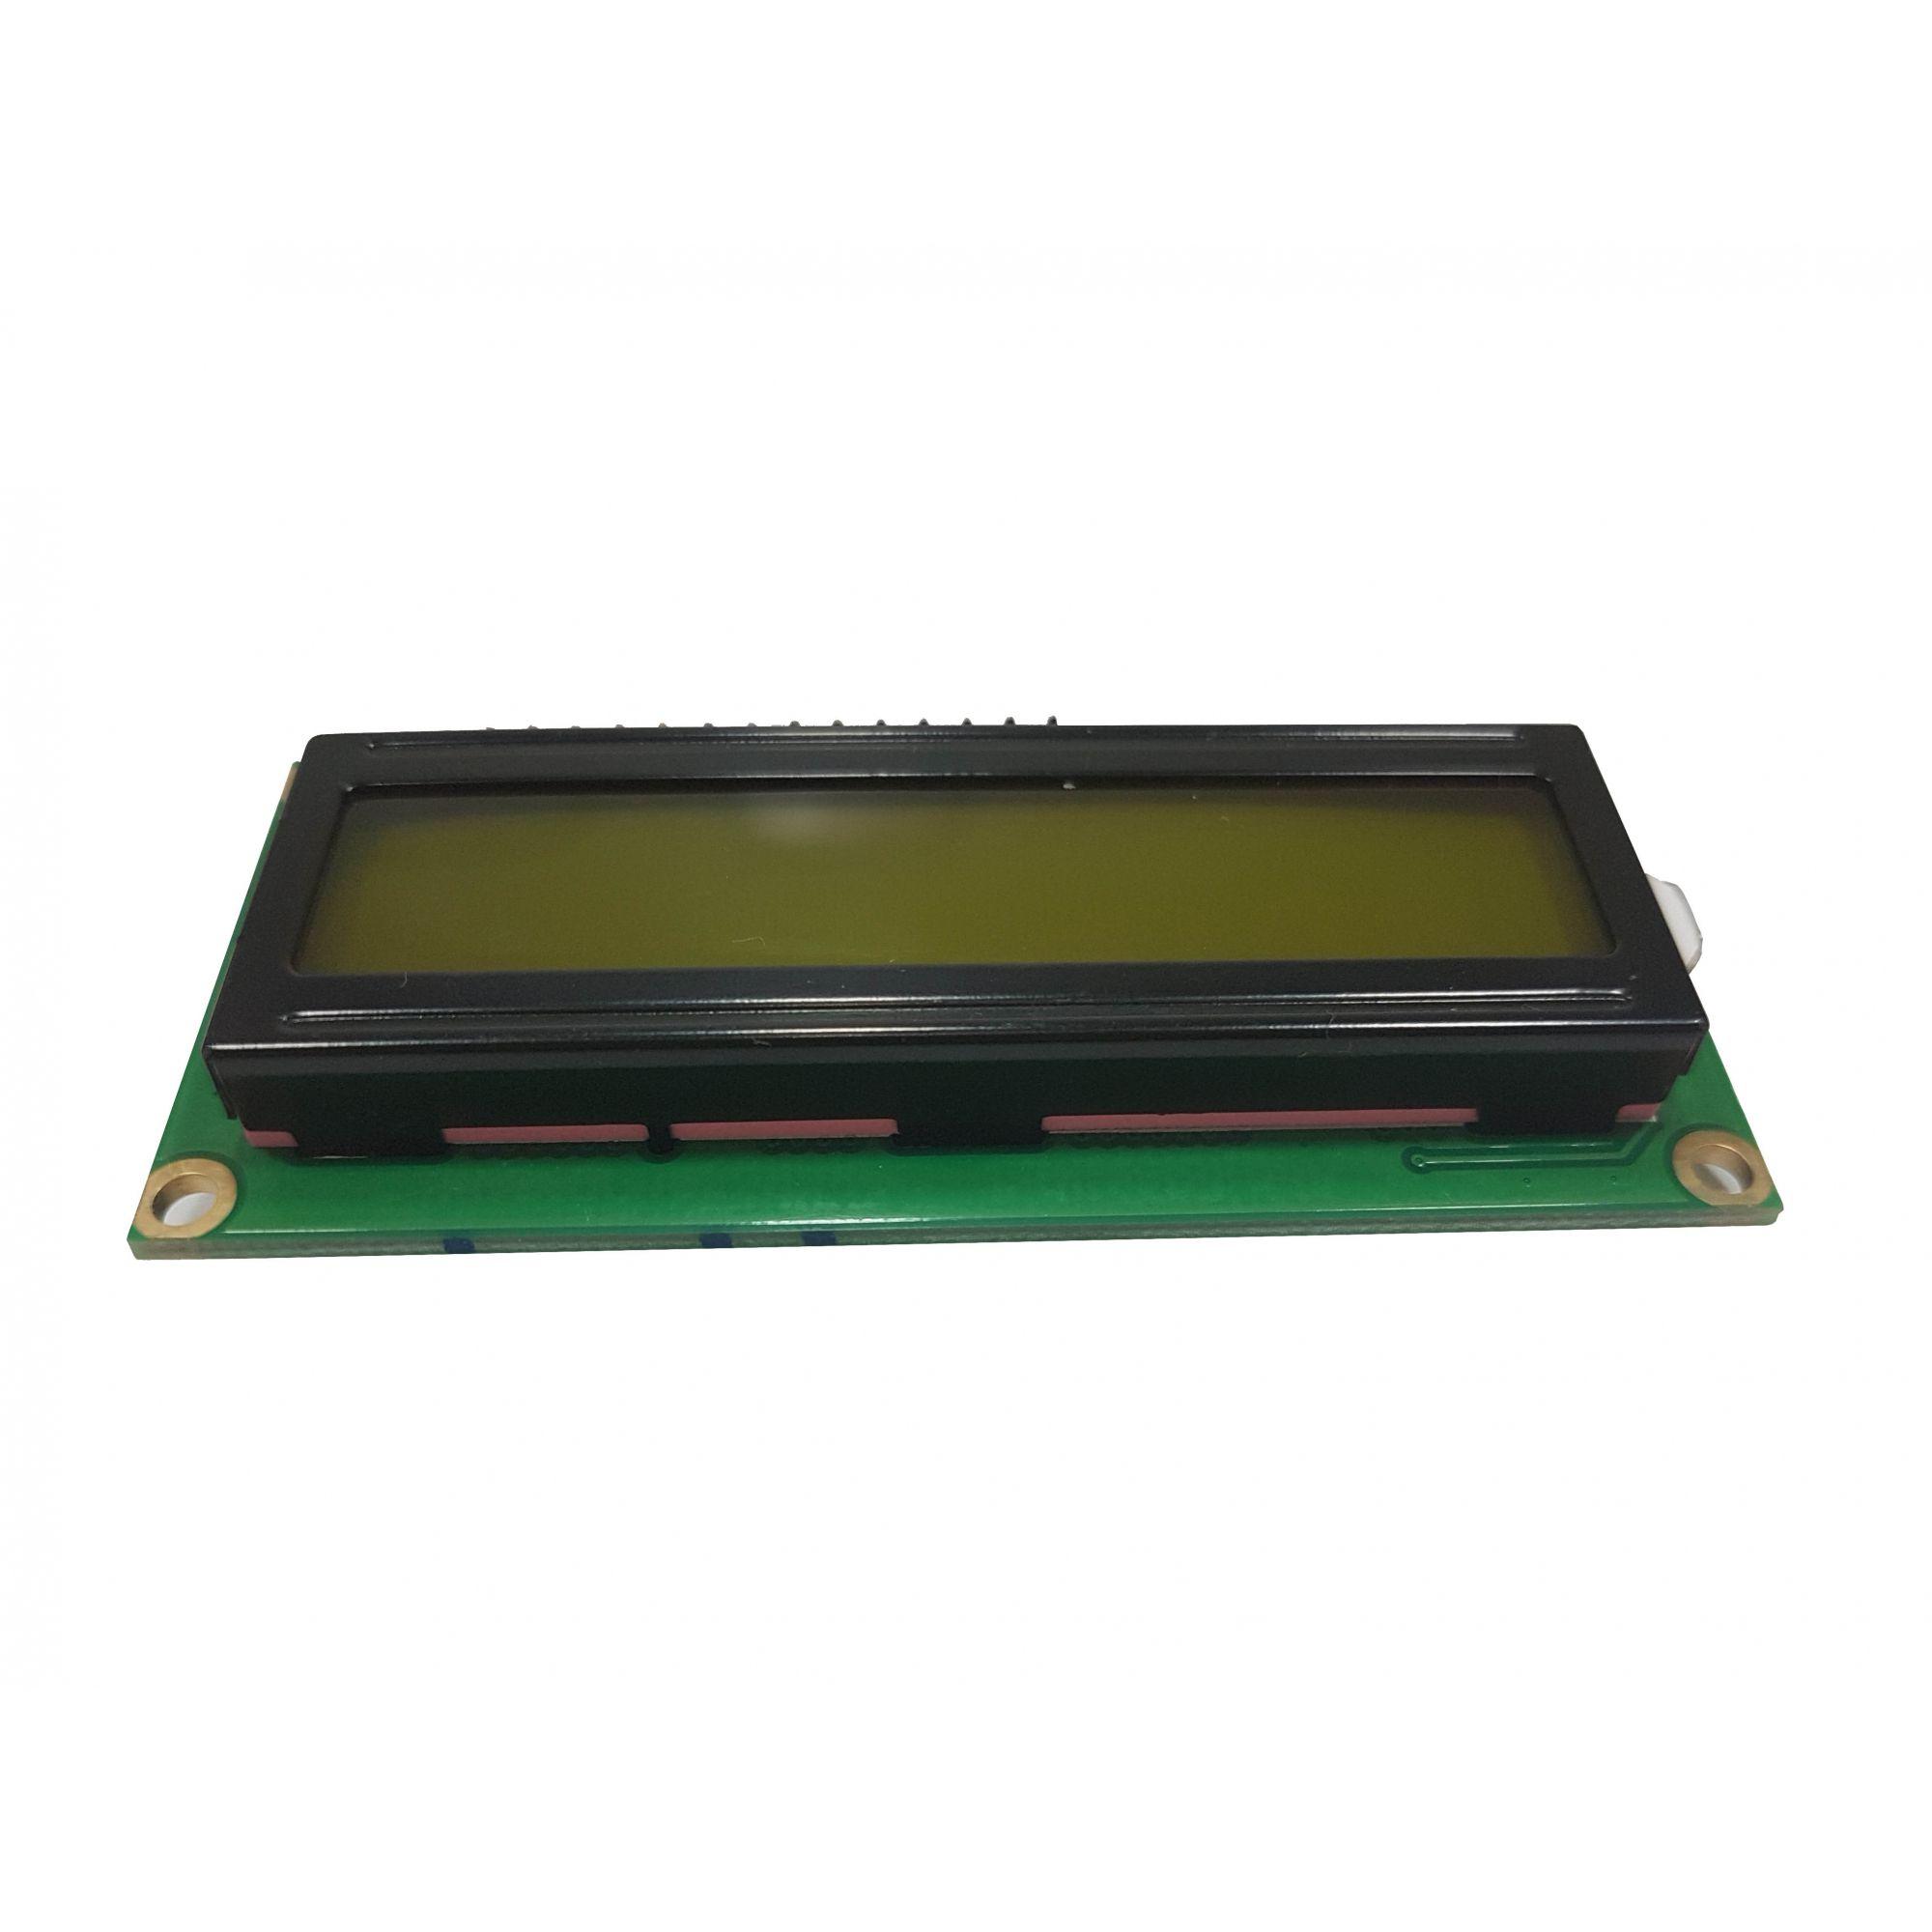 Tela LCD 16 x 2